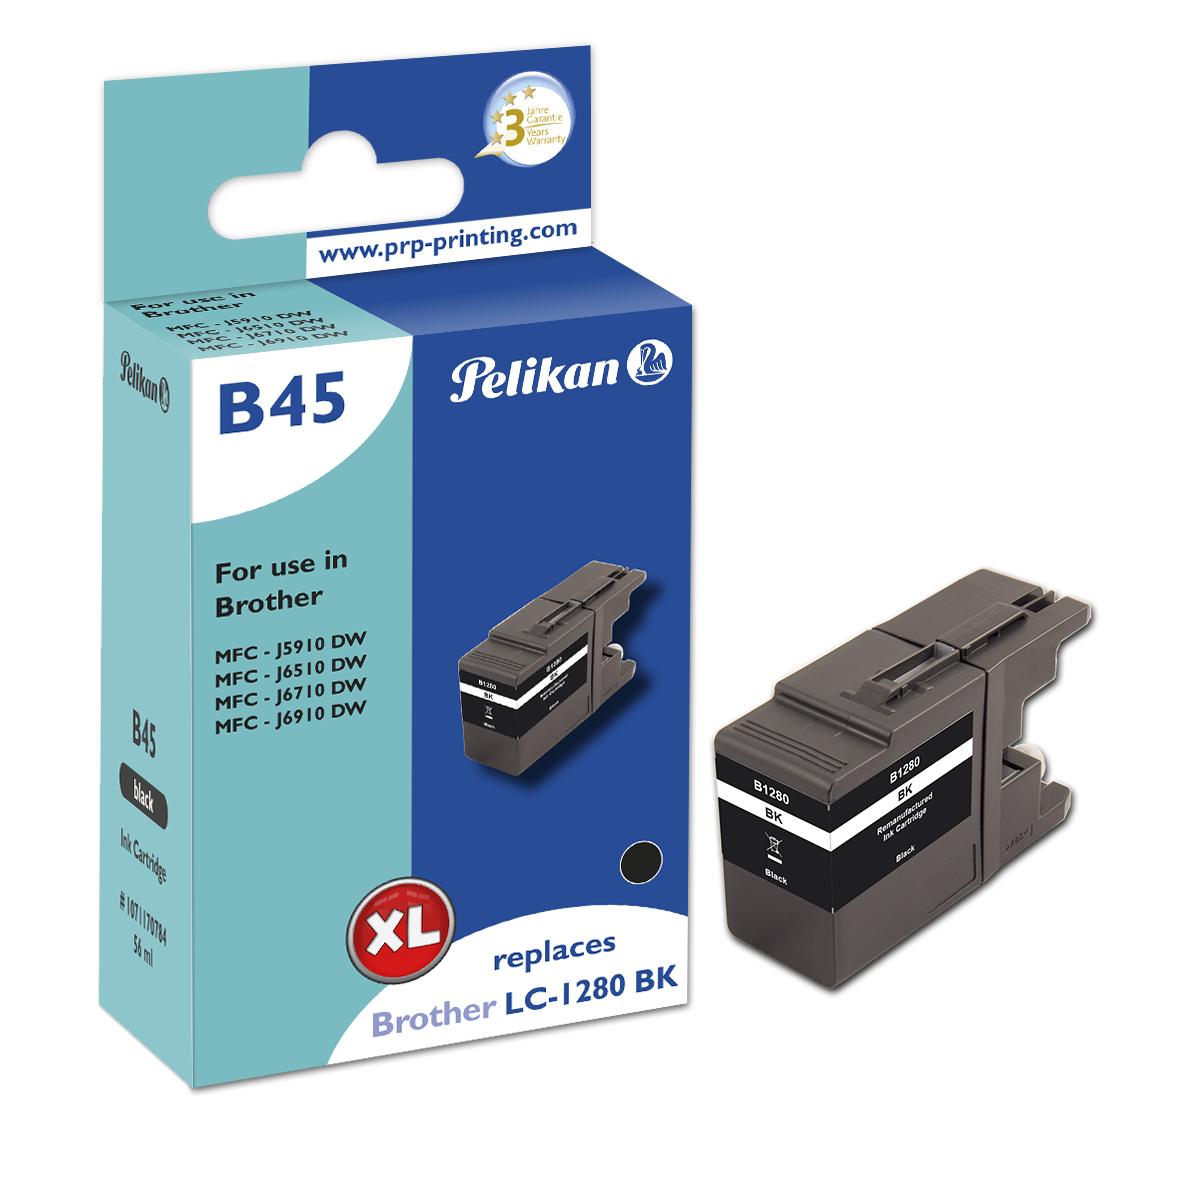 Pelikan B45 Black - Kompatibel - Schwarz - Brother - Einzelpackung - 1 Stück(e) - 2400 Seiten